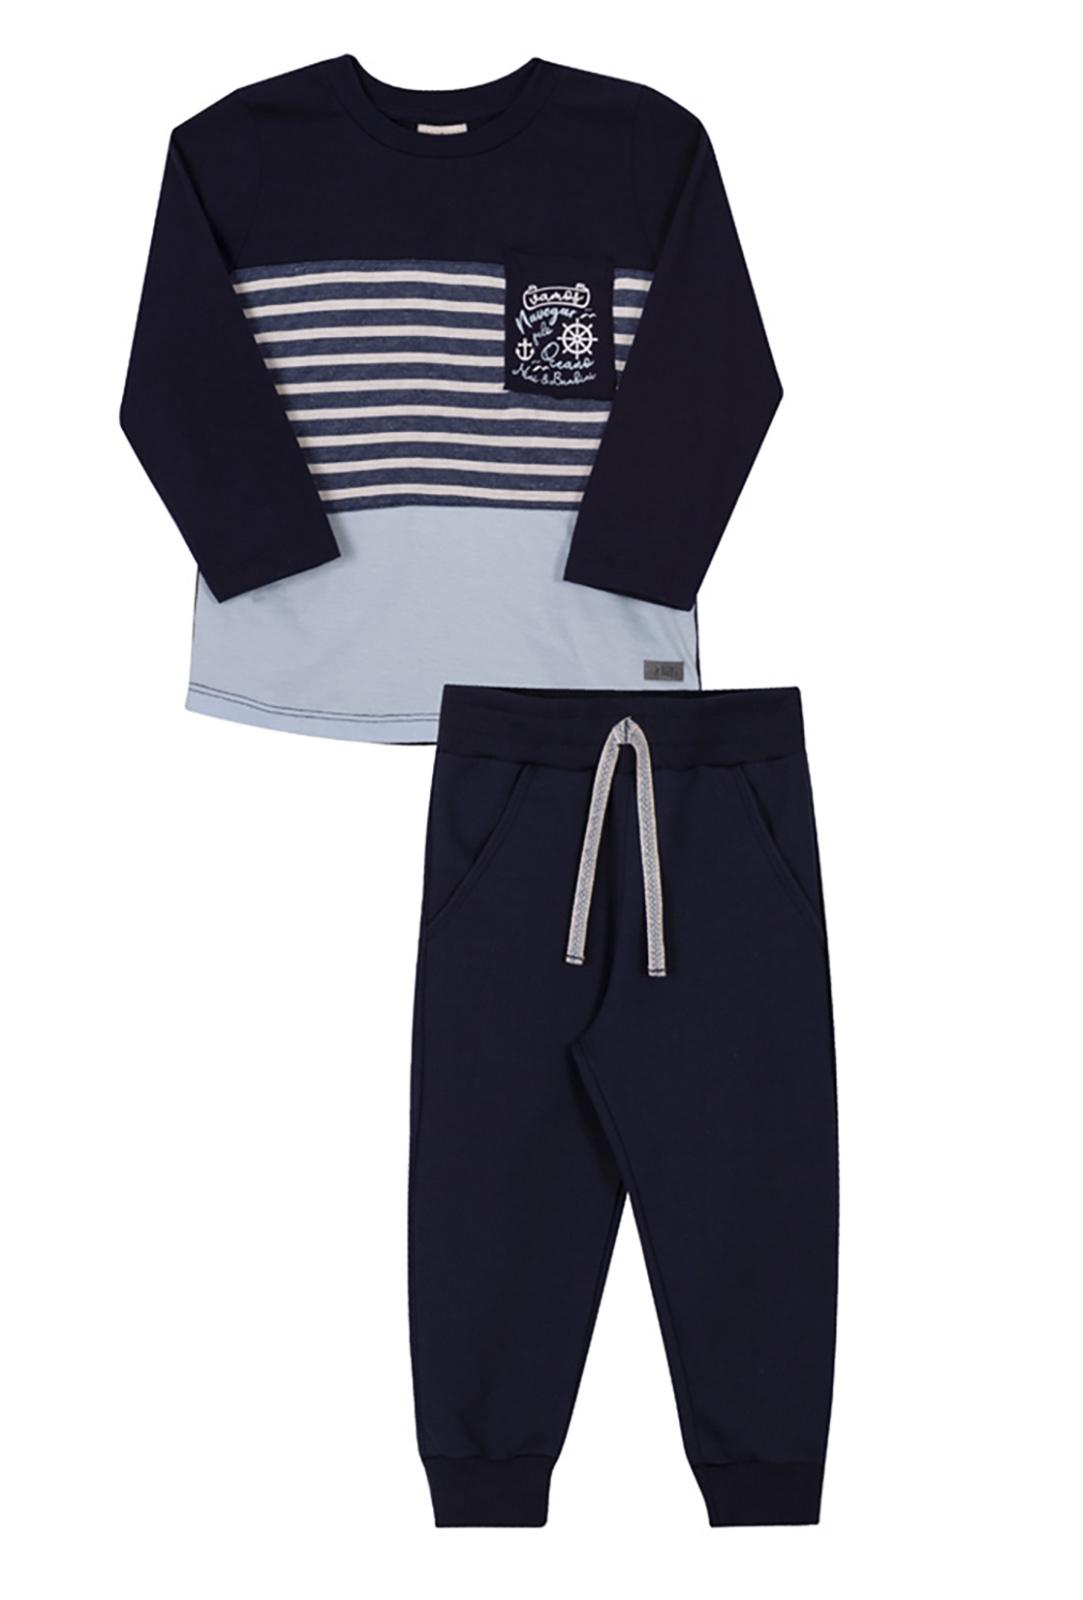 Conjunto Infantil Camiseta e Calça Moletinho Nini & Bambini Náutico Marinho